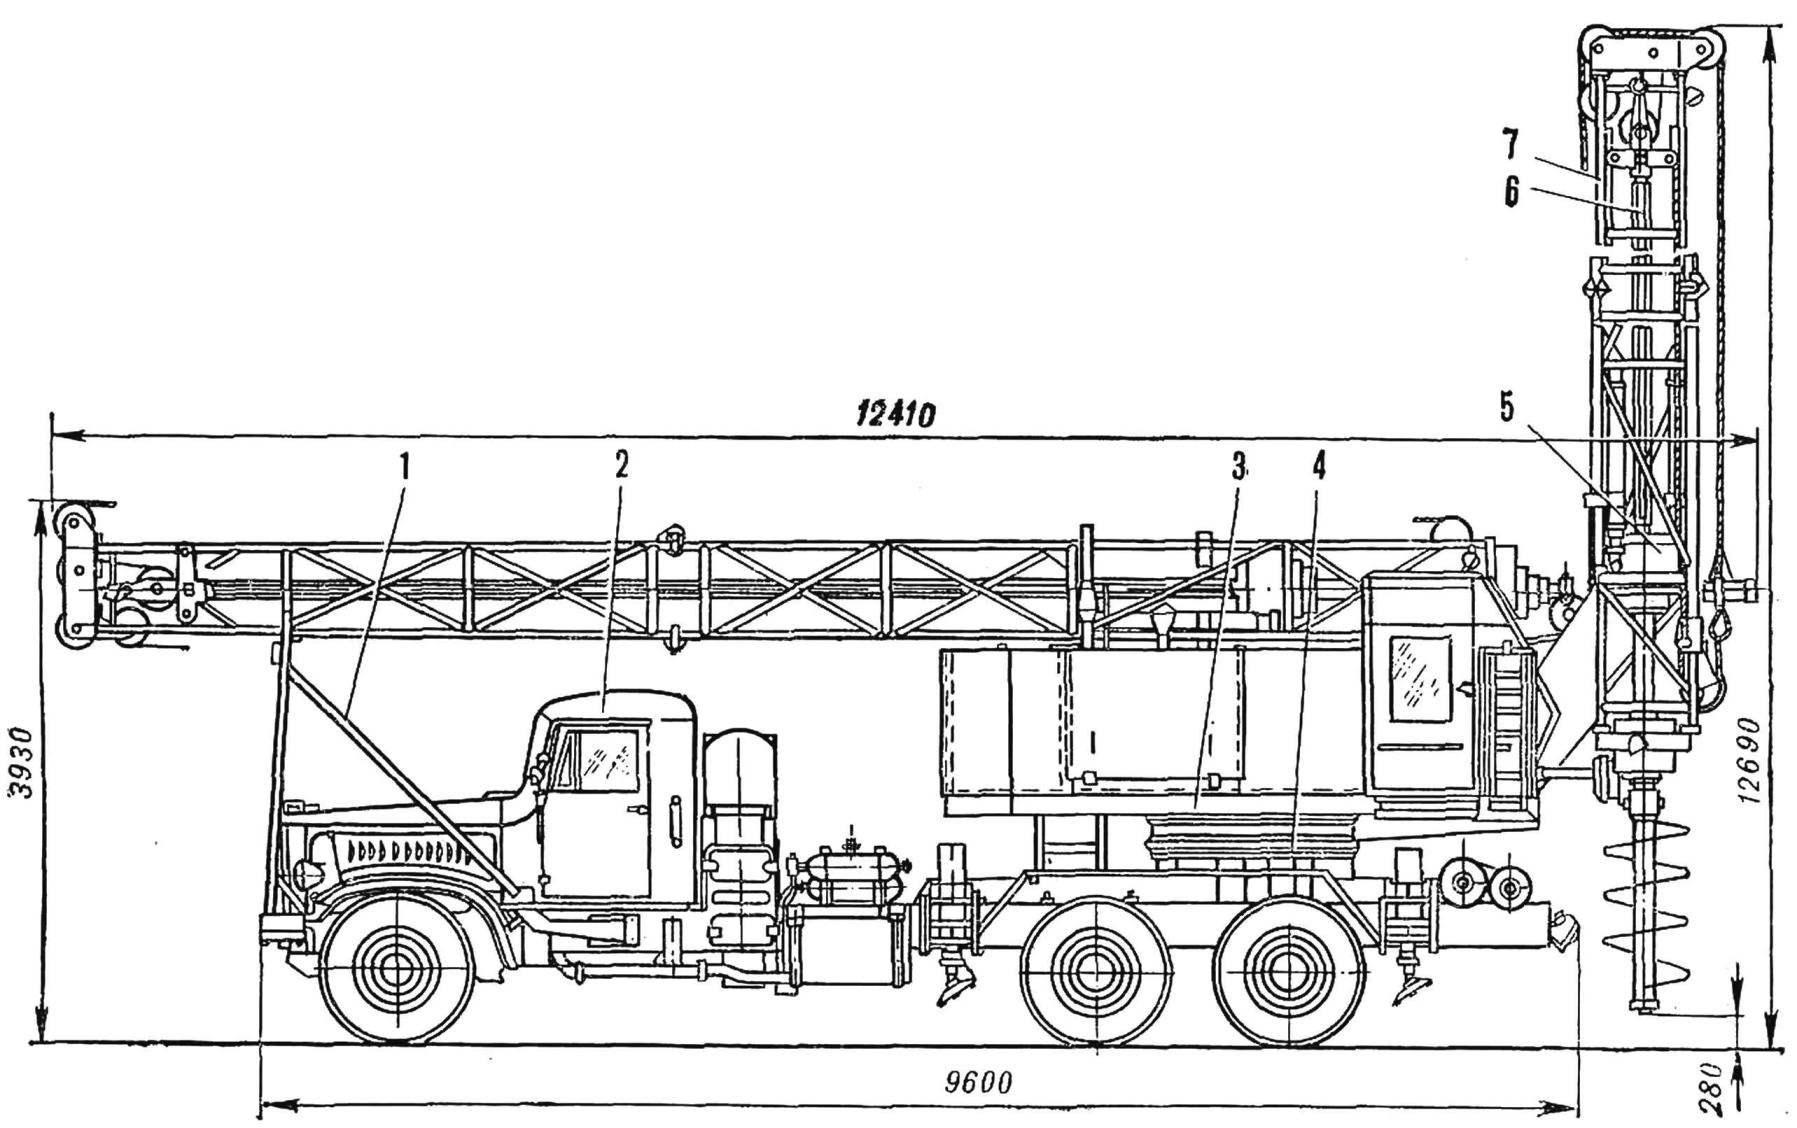 Рис. 8. Бурильно-крановая машина БМ-802С (рабочее и транспортное положение)